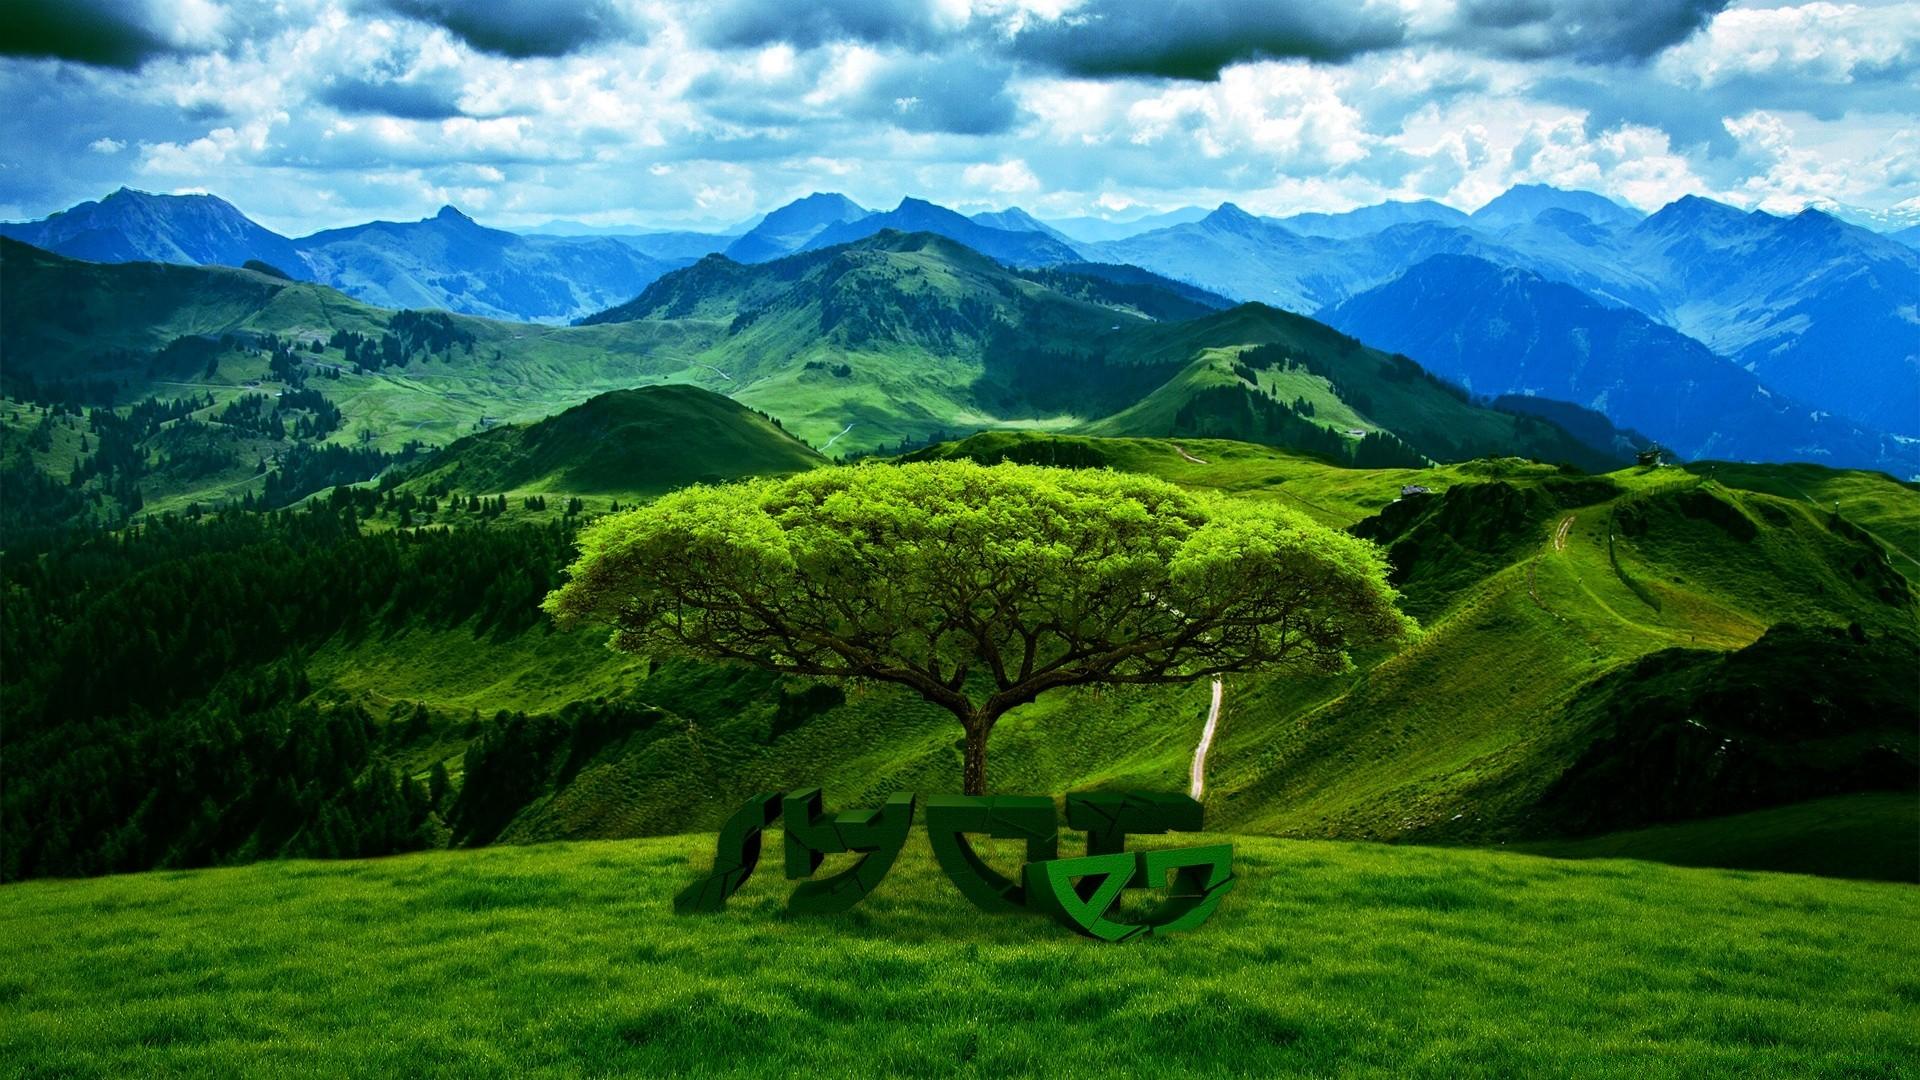 зеленая растительность, вода, горы скачать